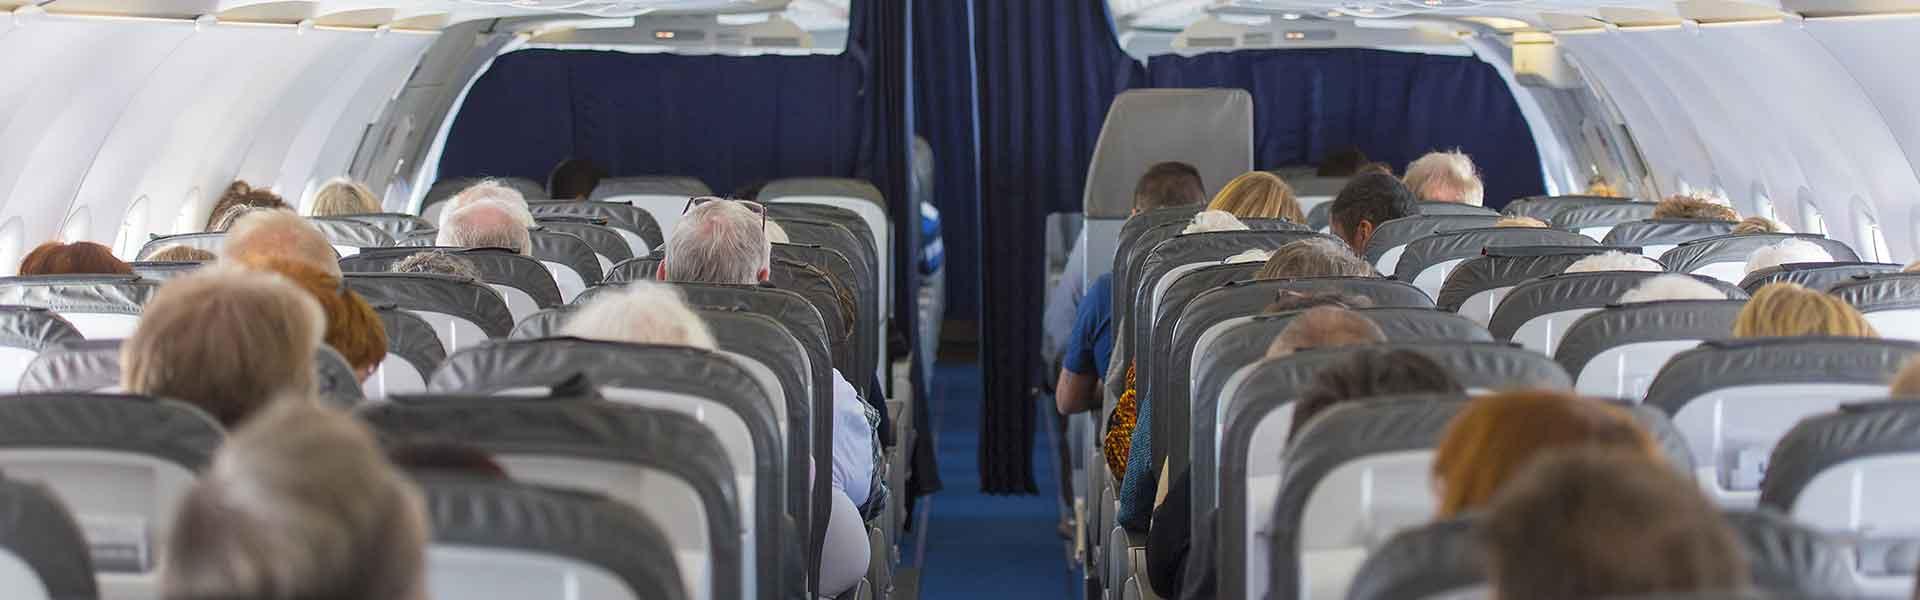 Un groupe de passagers dans un avion